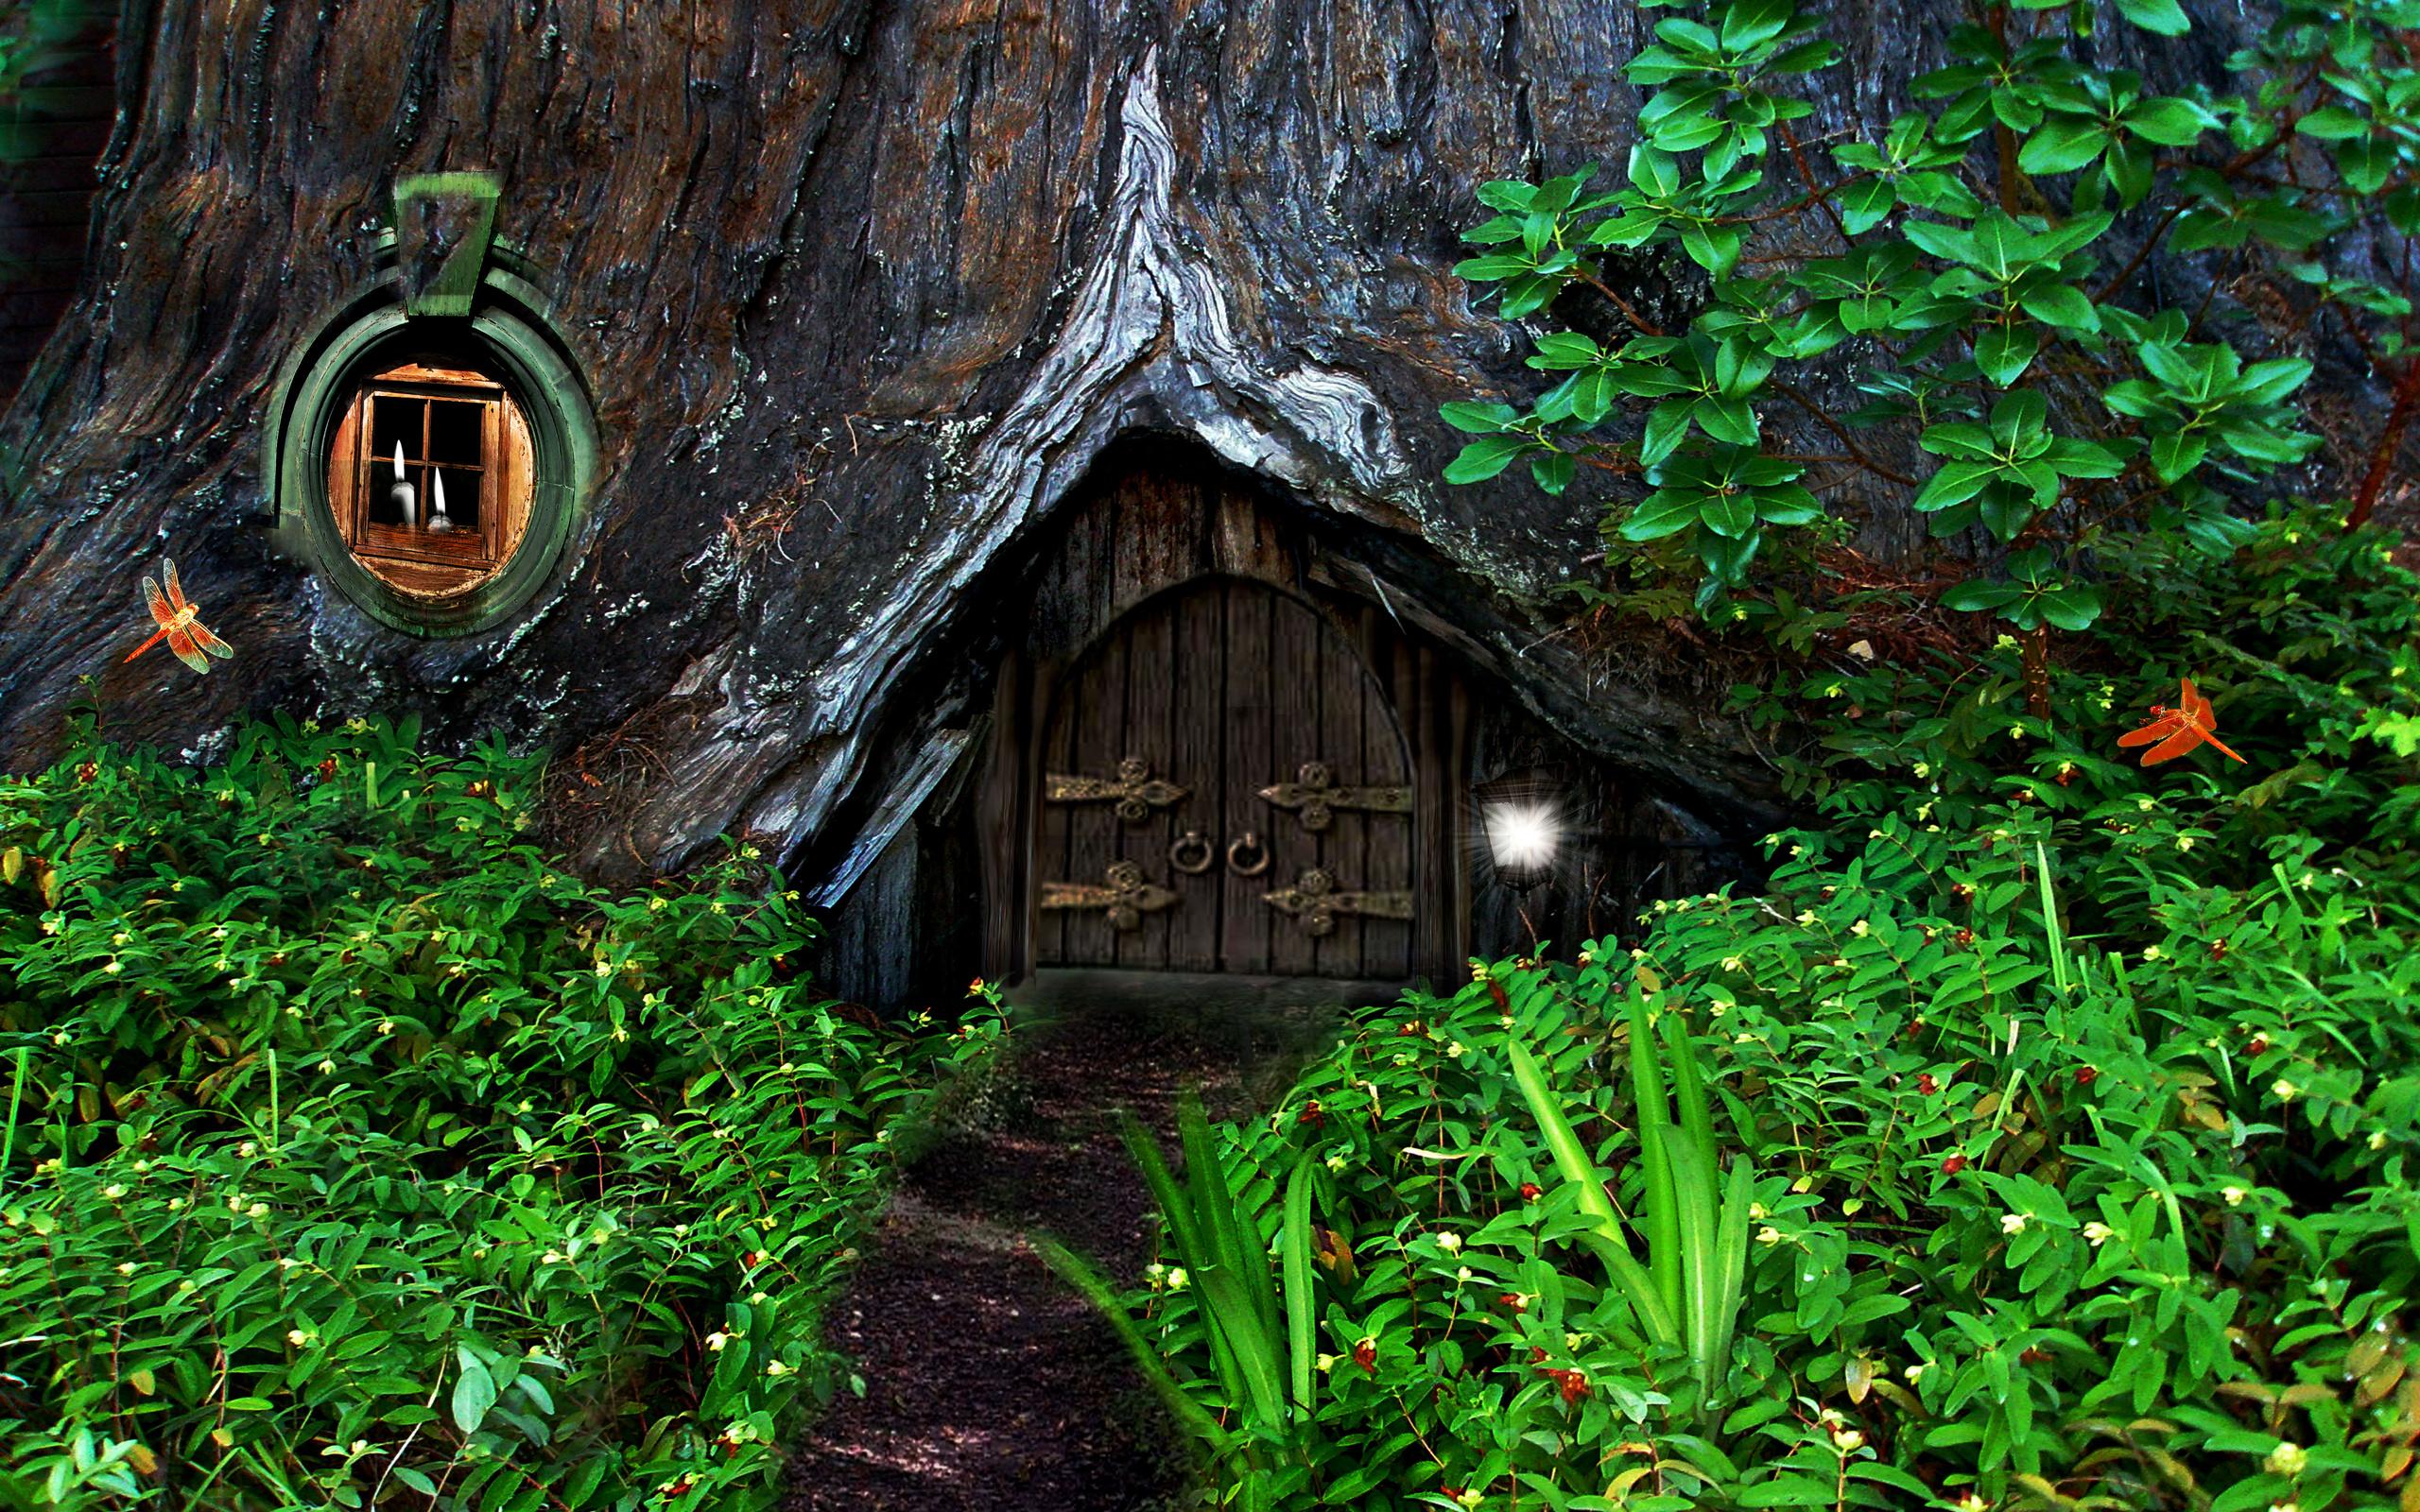 Hobbit fantasy forest trees house home wallpaper for 3d wallpaper for dream home